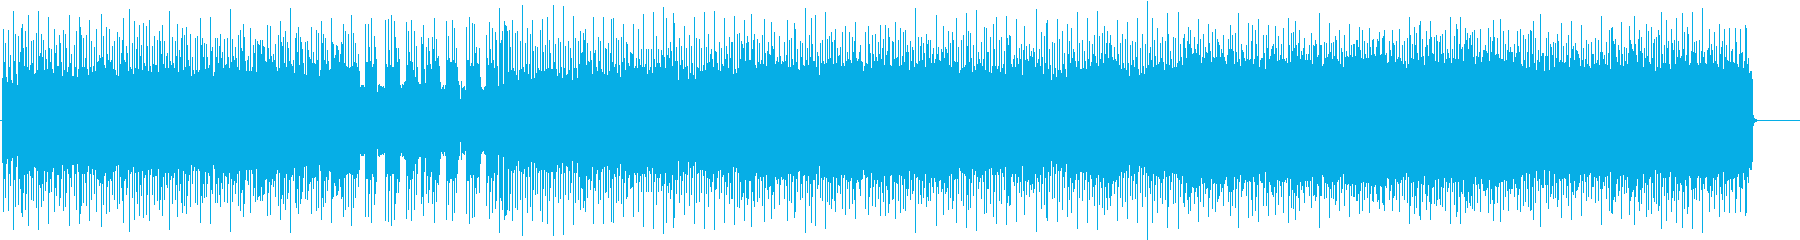 アメリカン・ロック/ファンクの再生済みの波形